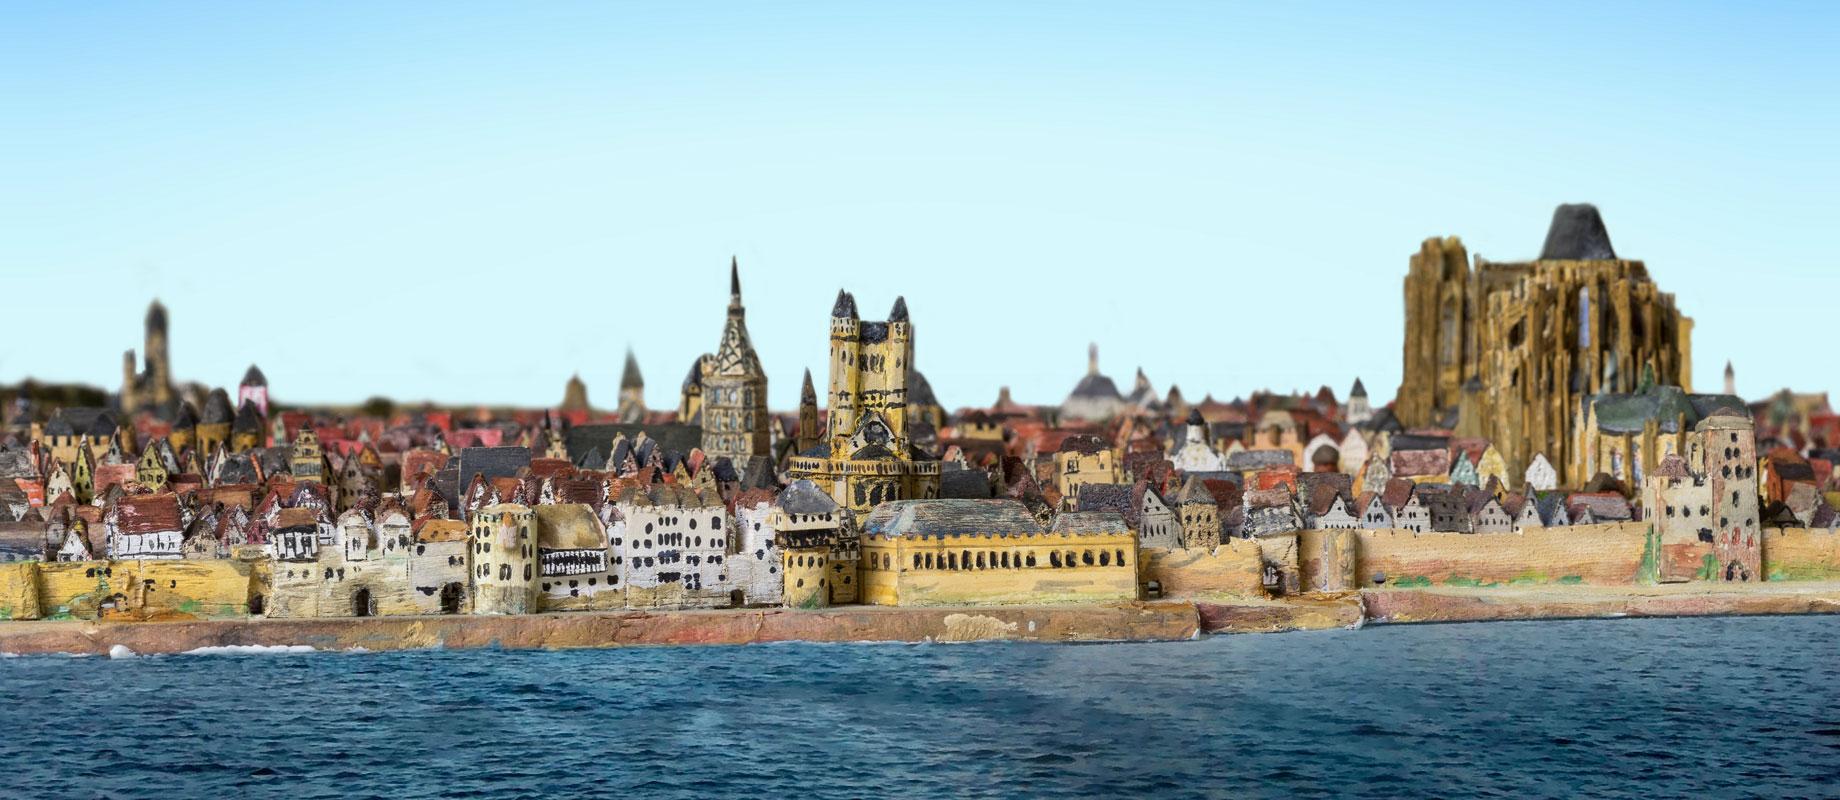 Fotografenteam rückt dem Giesen – Stadtmodell von Köln zu Leibe #verdamplangher